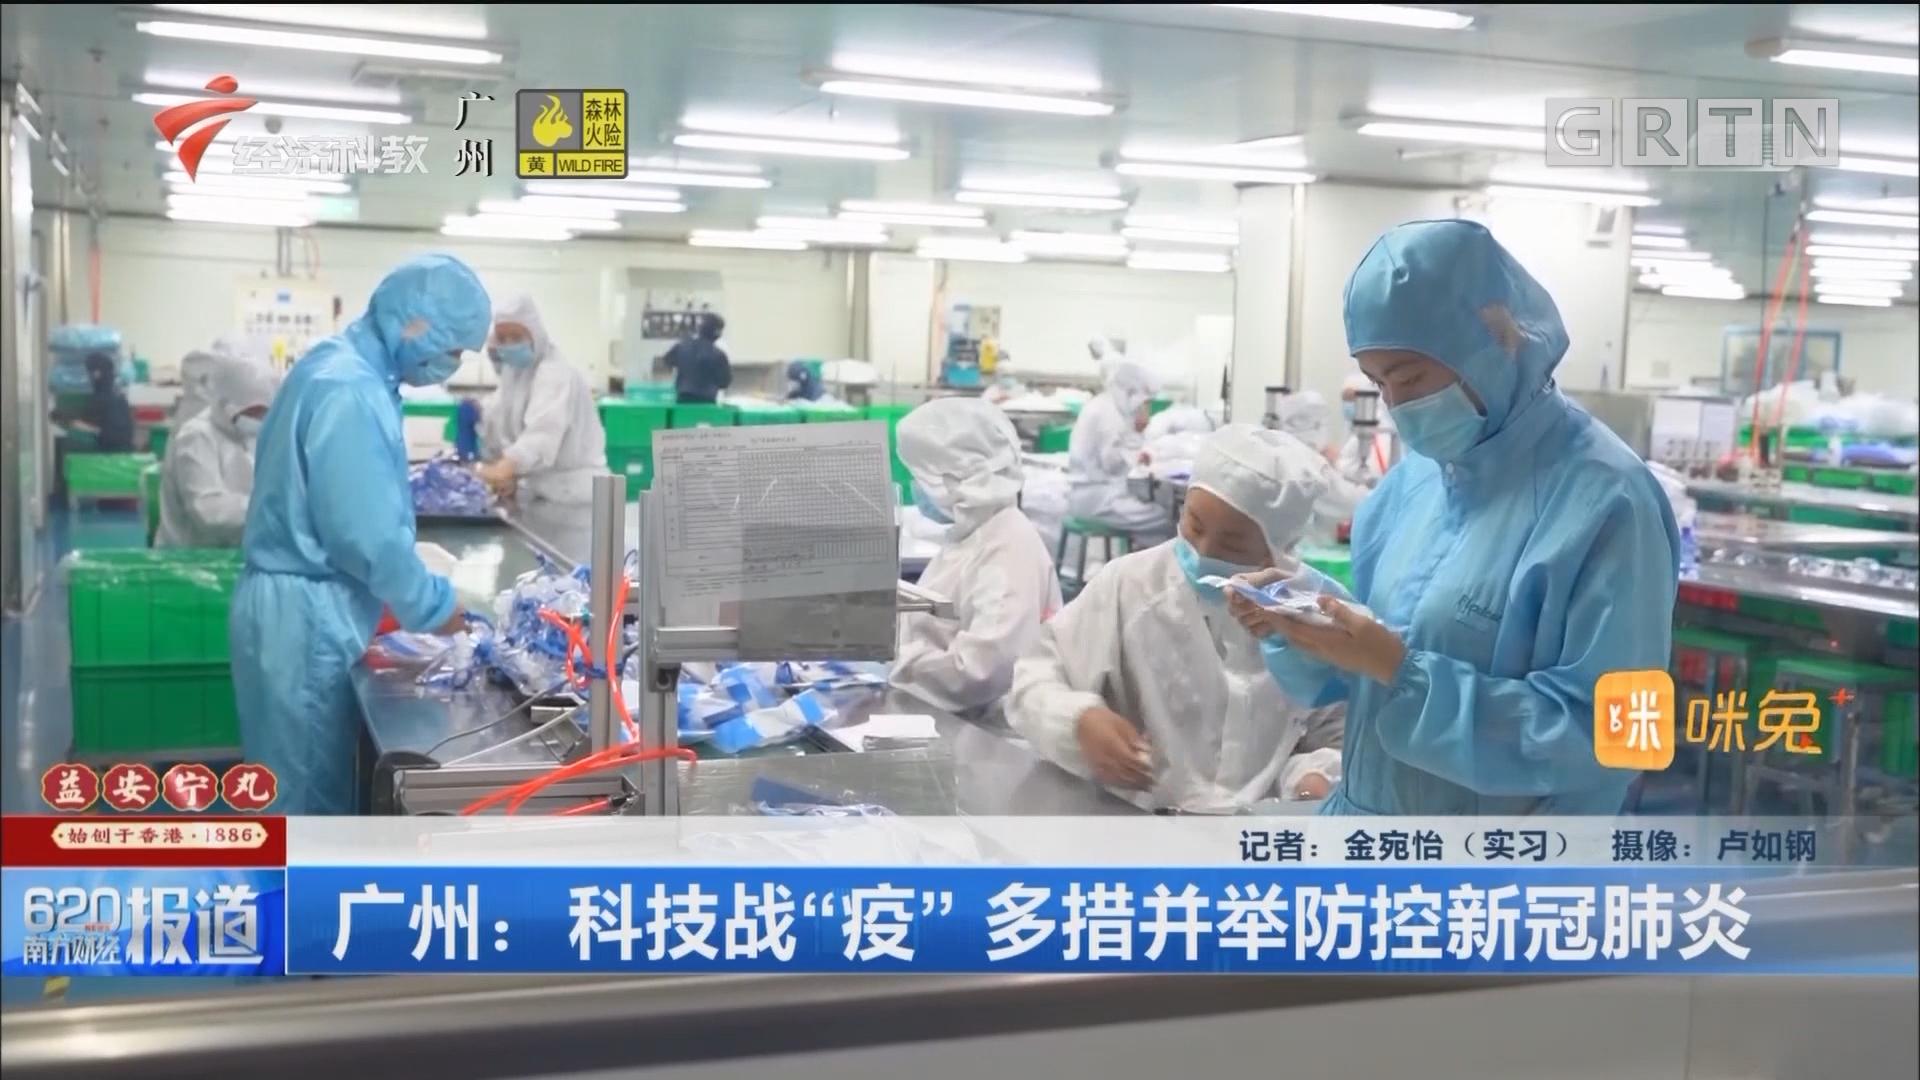 """广州:科技战""""疫"""" 多措并举防控新冠肺炎"""